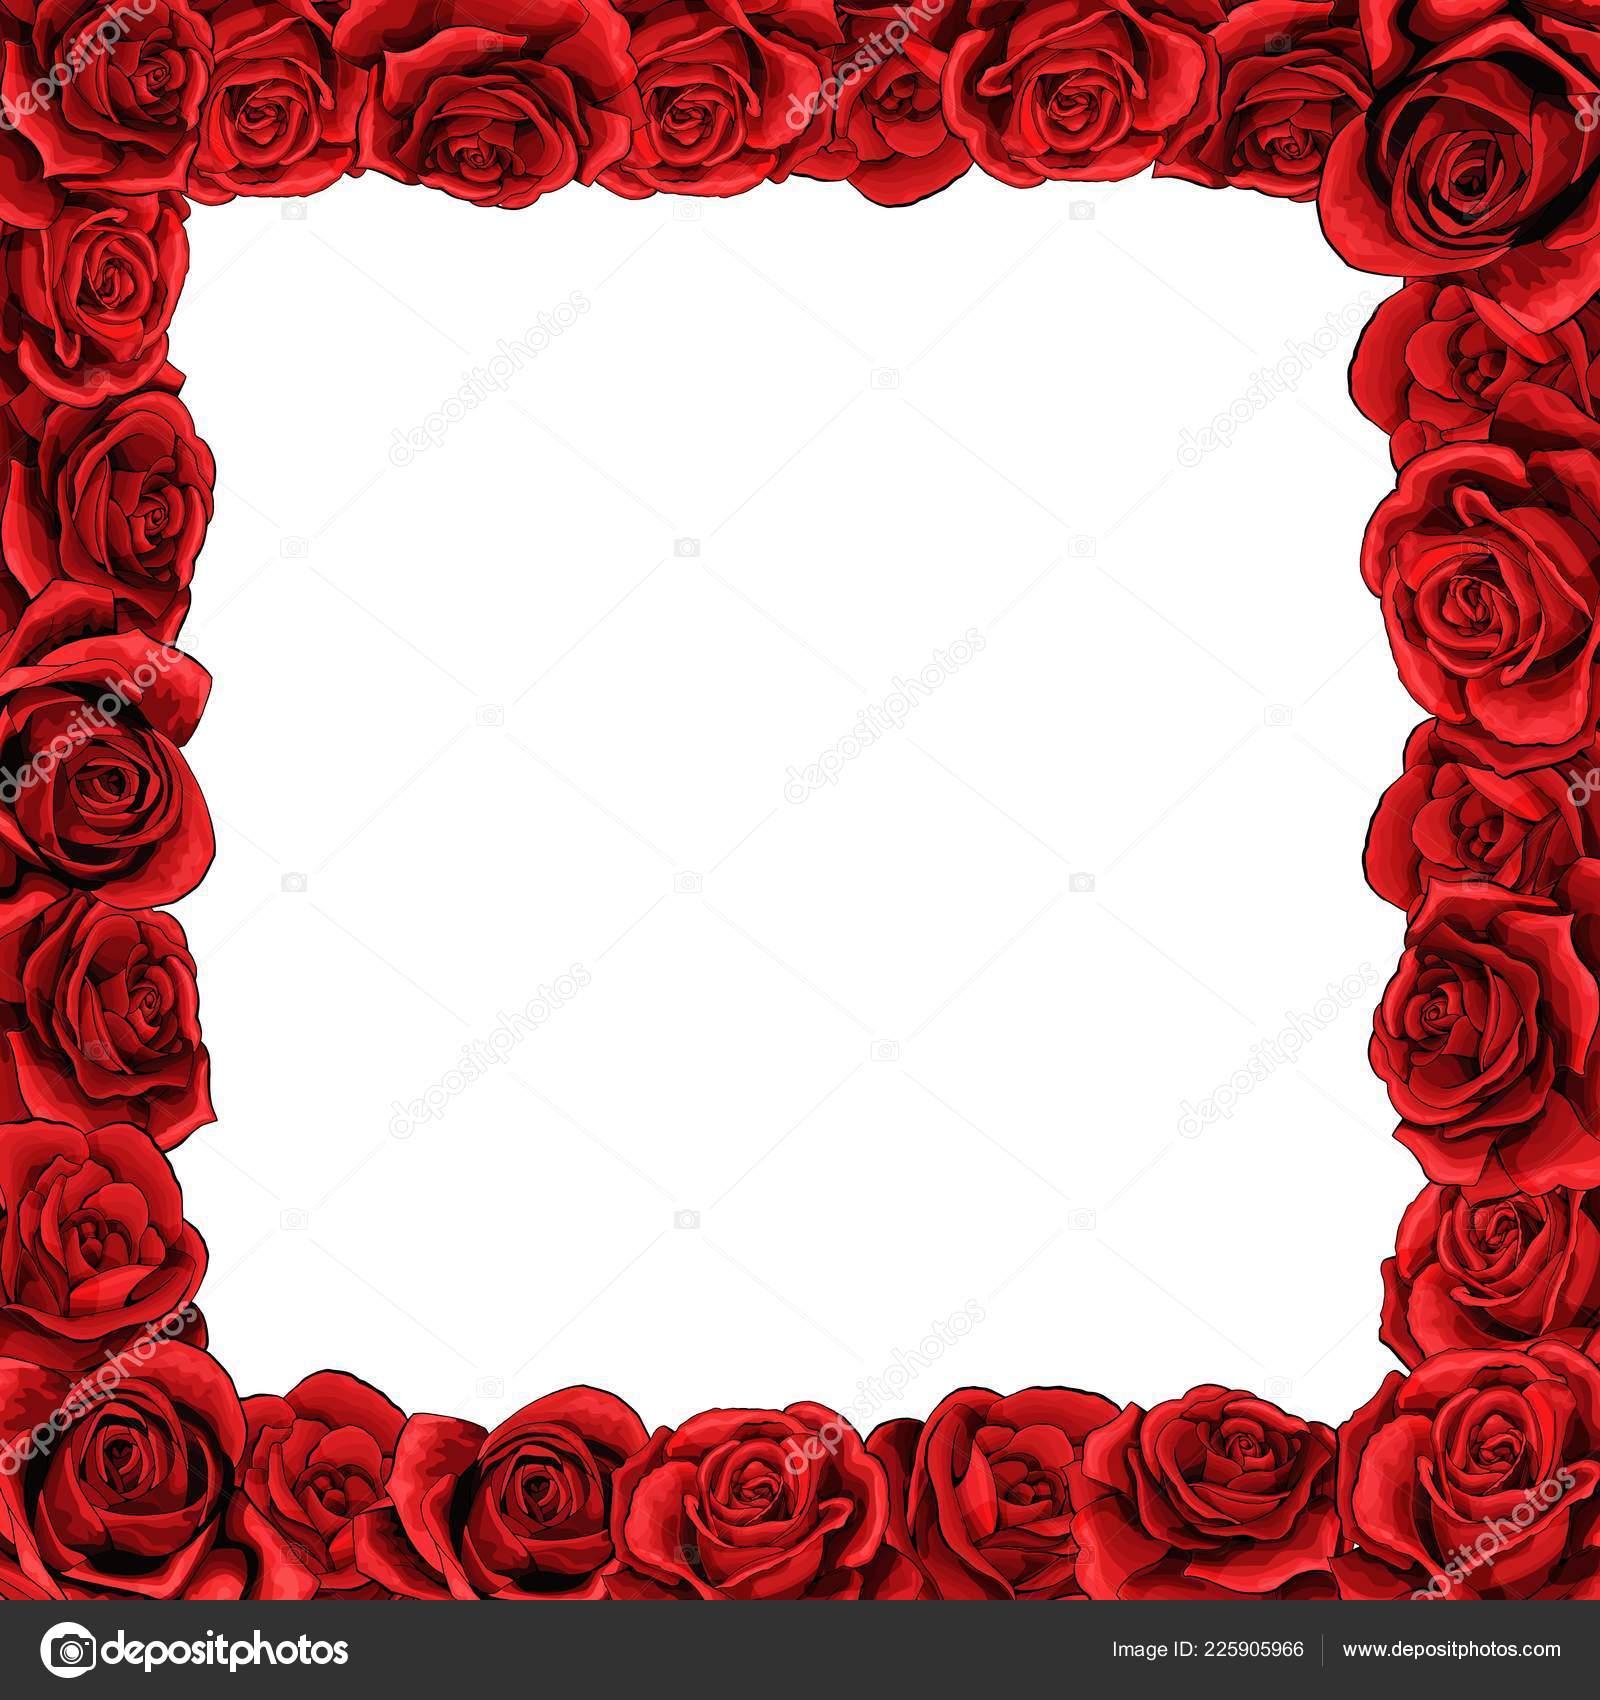 b712c1c8bb7c2 Marco de flor rojo rosa flores para tarjetas de felicitación